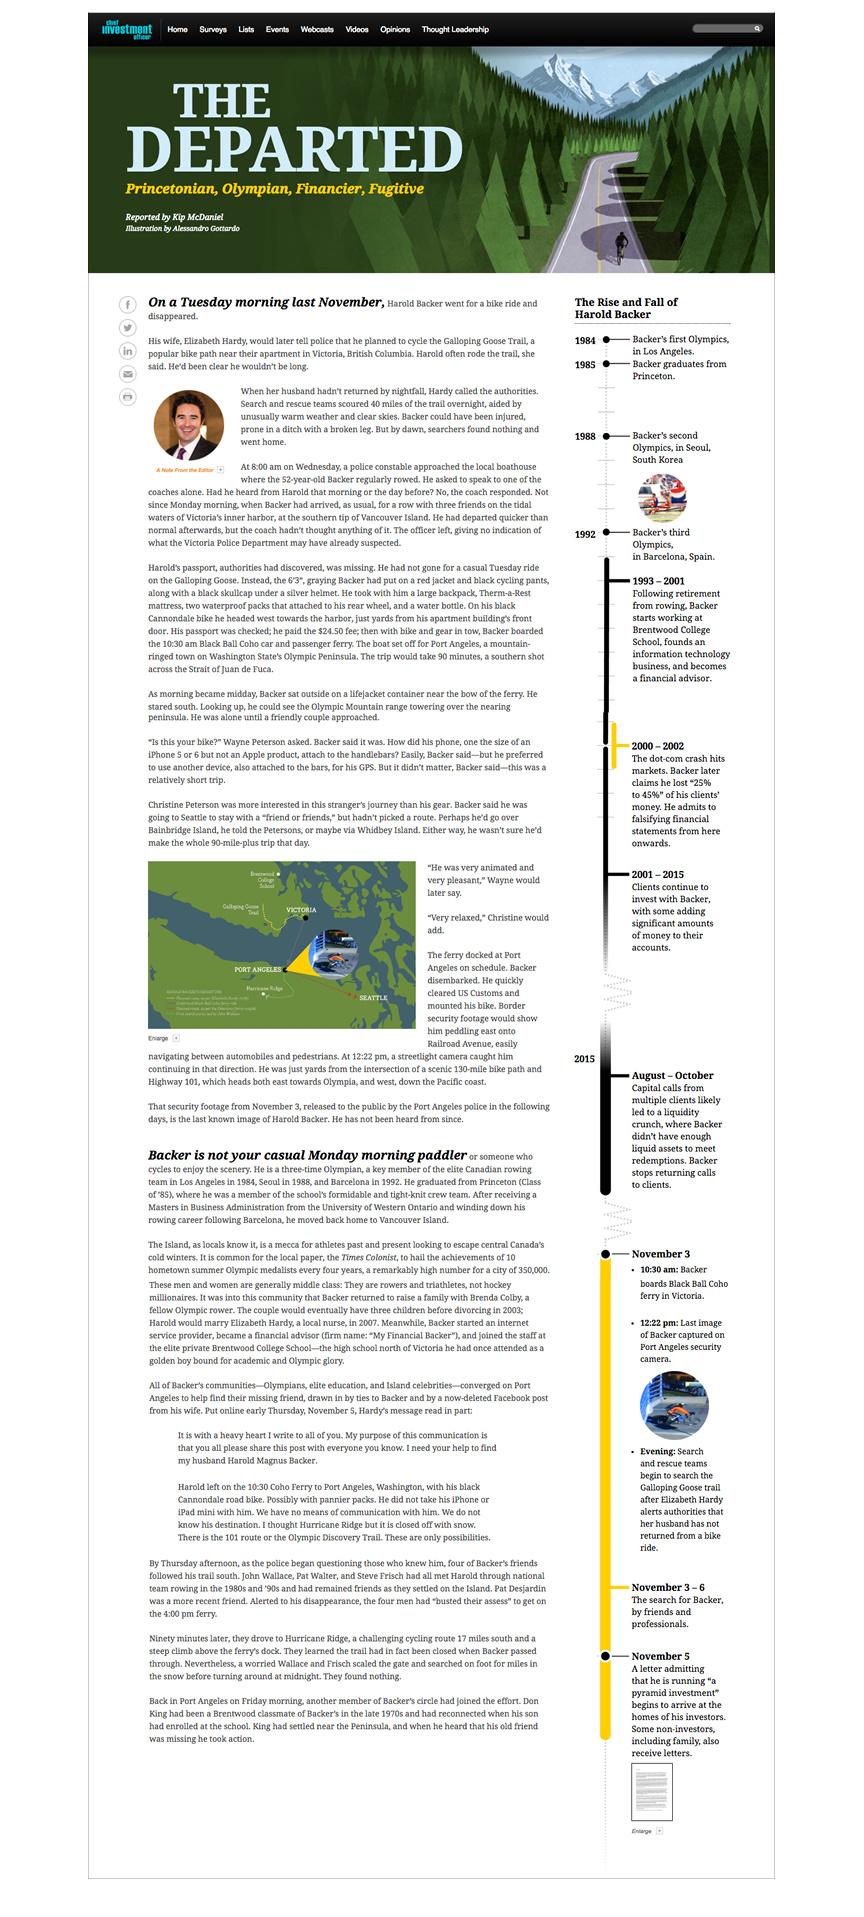 Backer-timeline-web.jpg